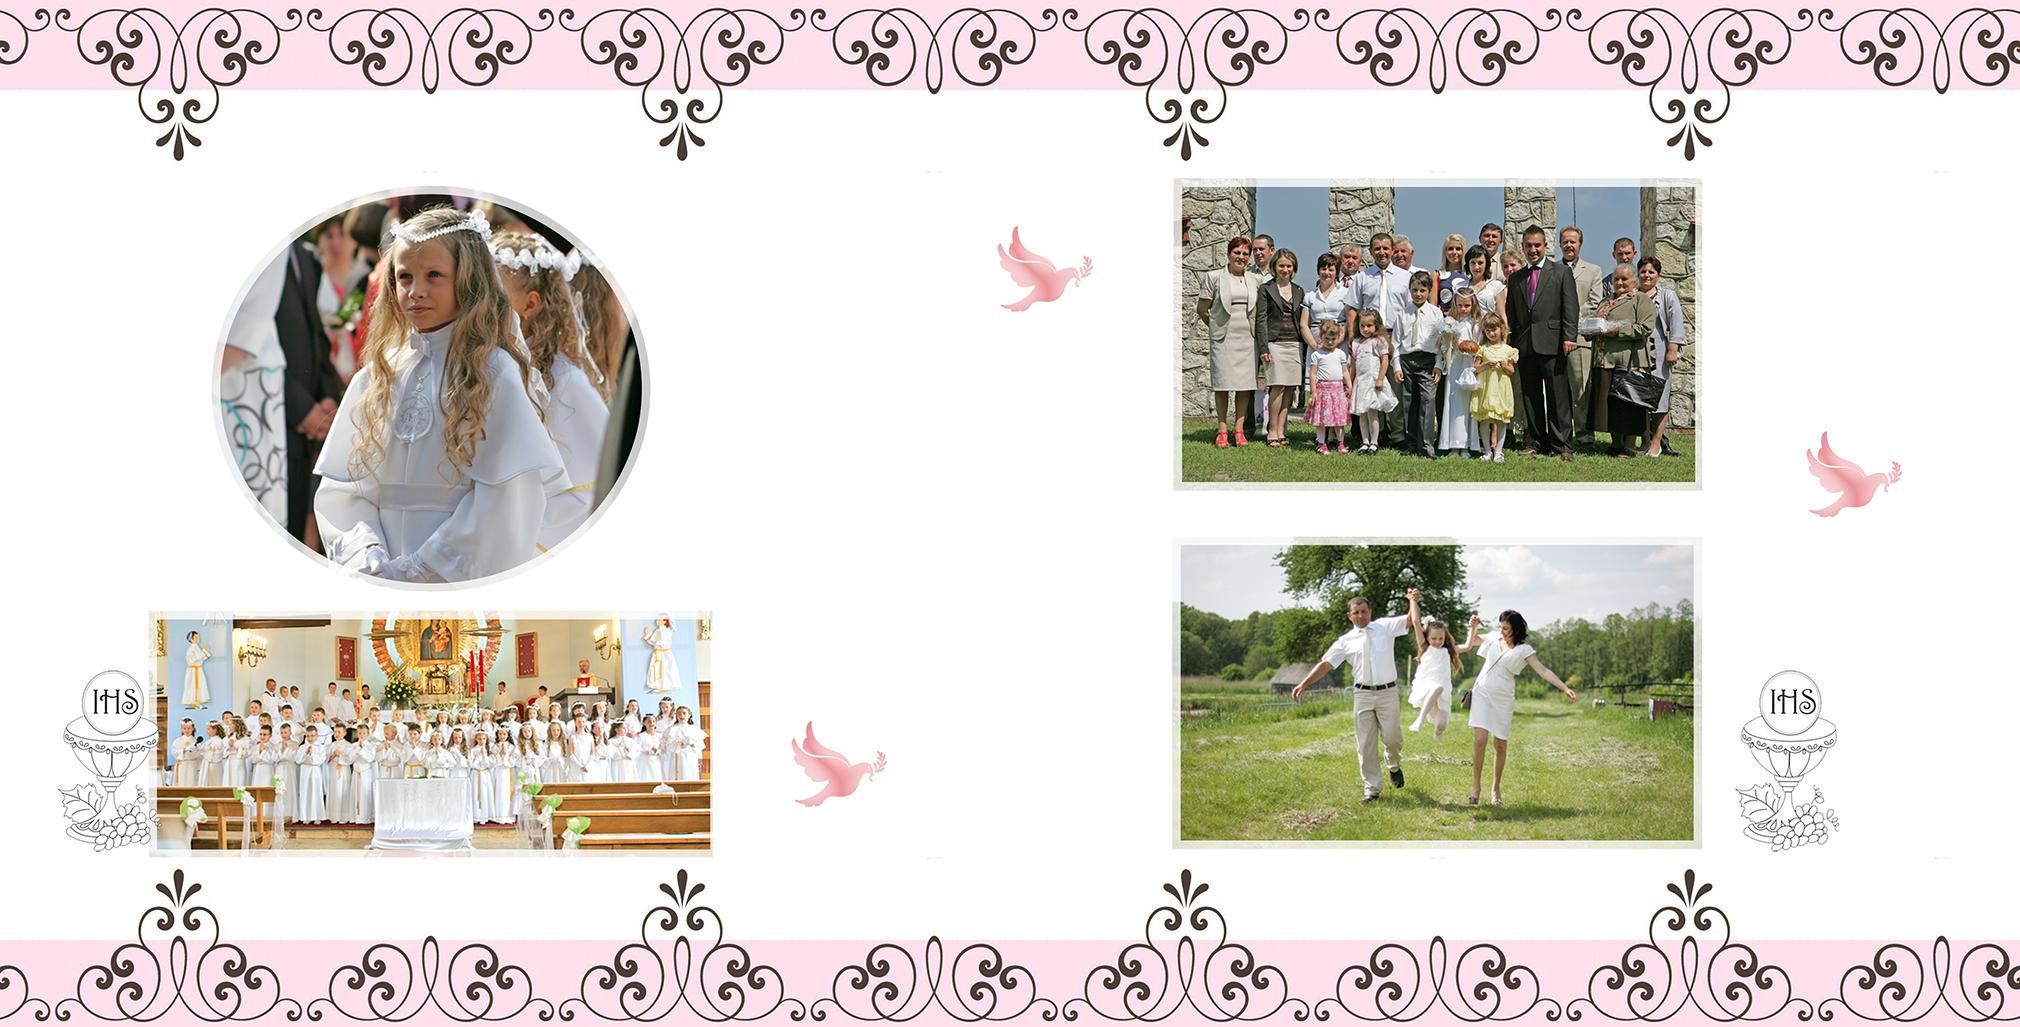 First Holy Communion Northampton Pierwsza Komunia Swieta Northampton Polska Komunia Swieta Wellingborough Polska Komunia Swieta Londyn Polska Komunia Swieta Birmingham